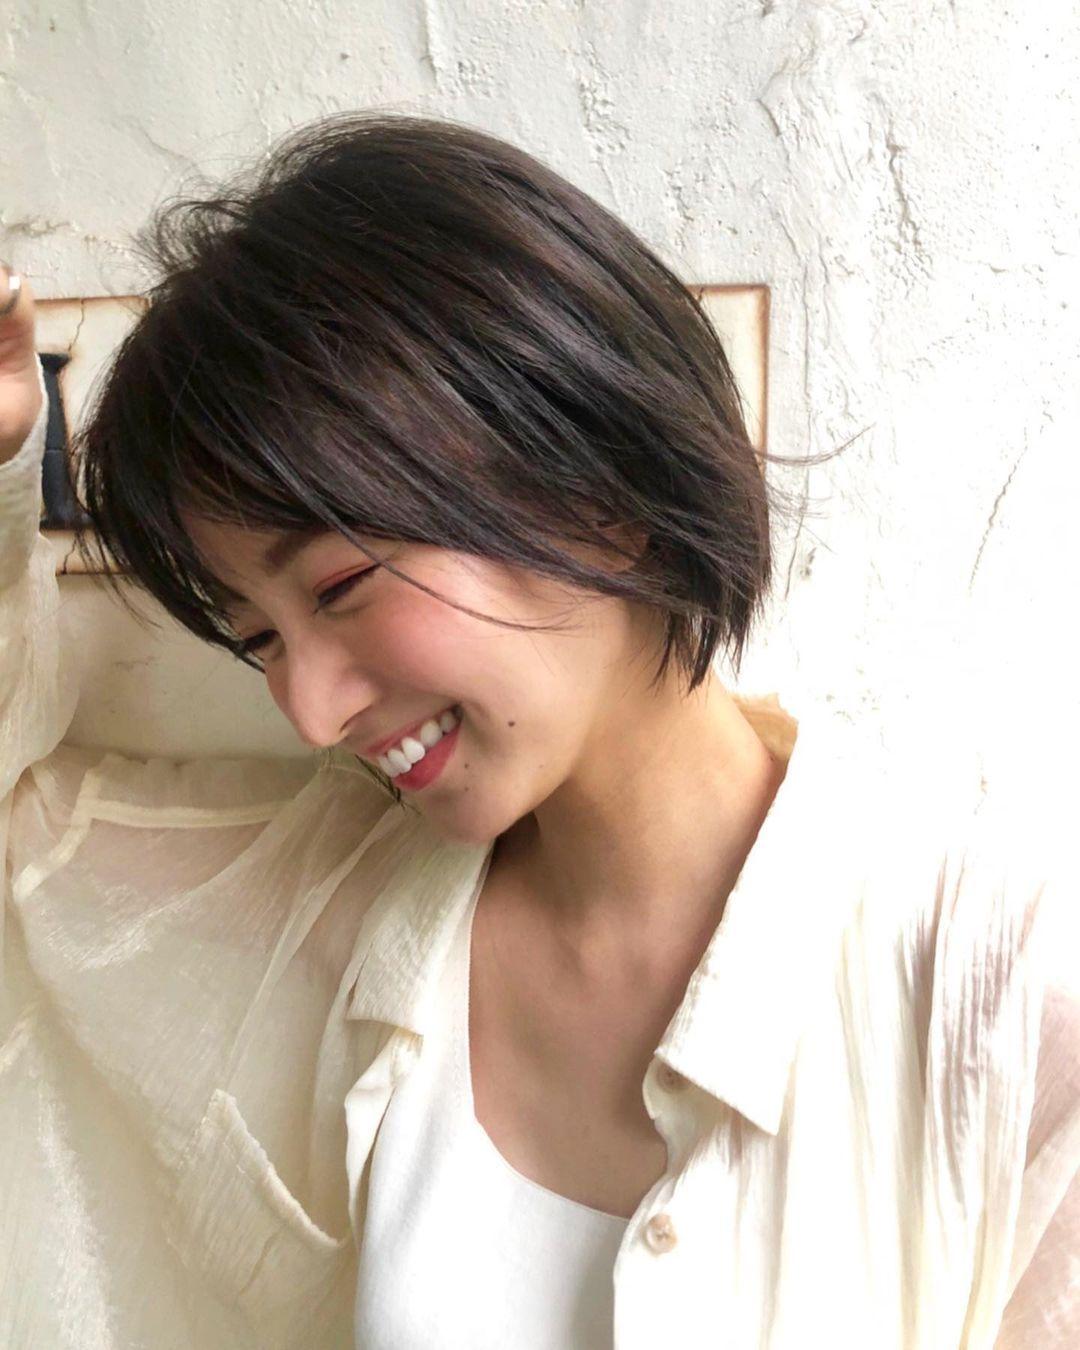 日系时尚杂志模特冈崎纱绘清甜笑容亲和力十足完全就是女友理想型 网络美女 第28张